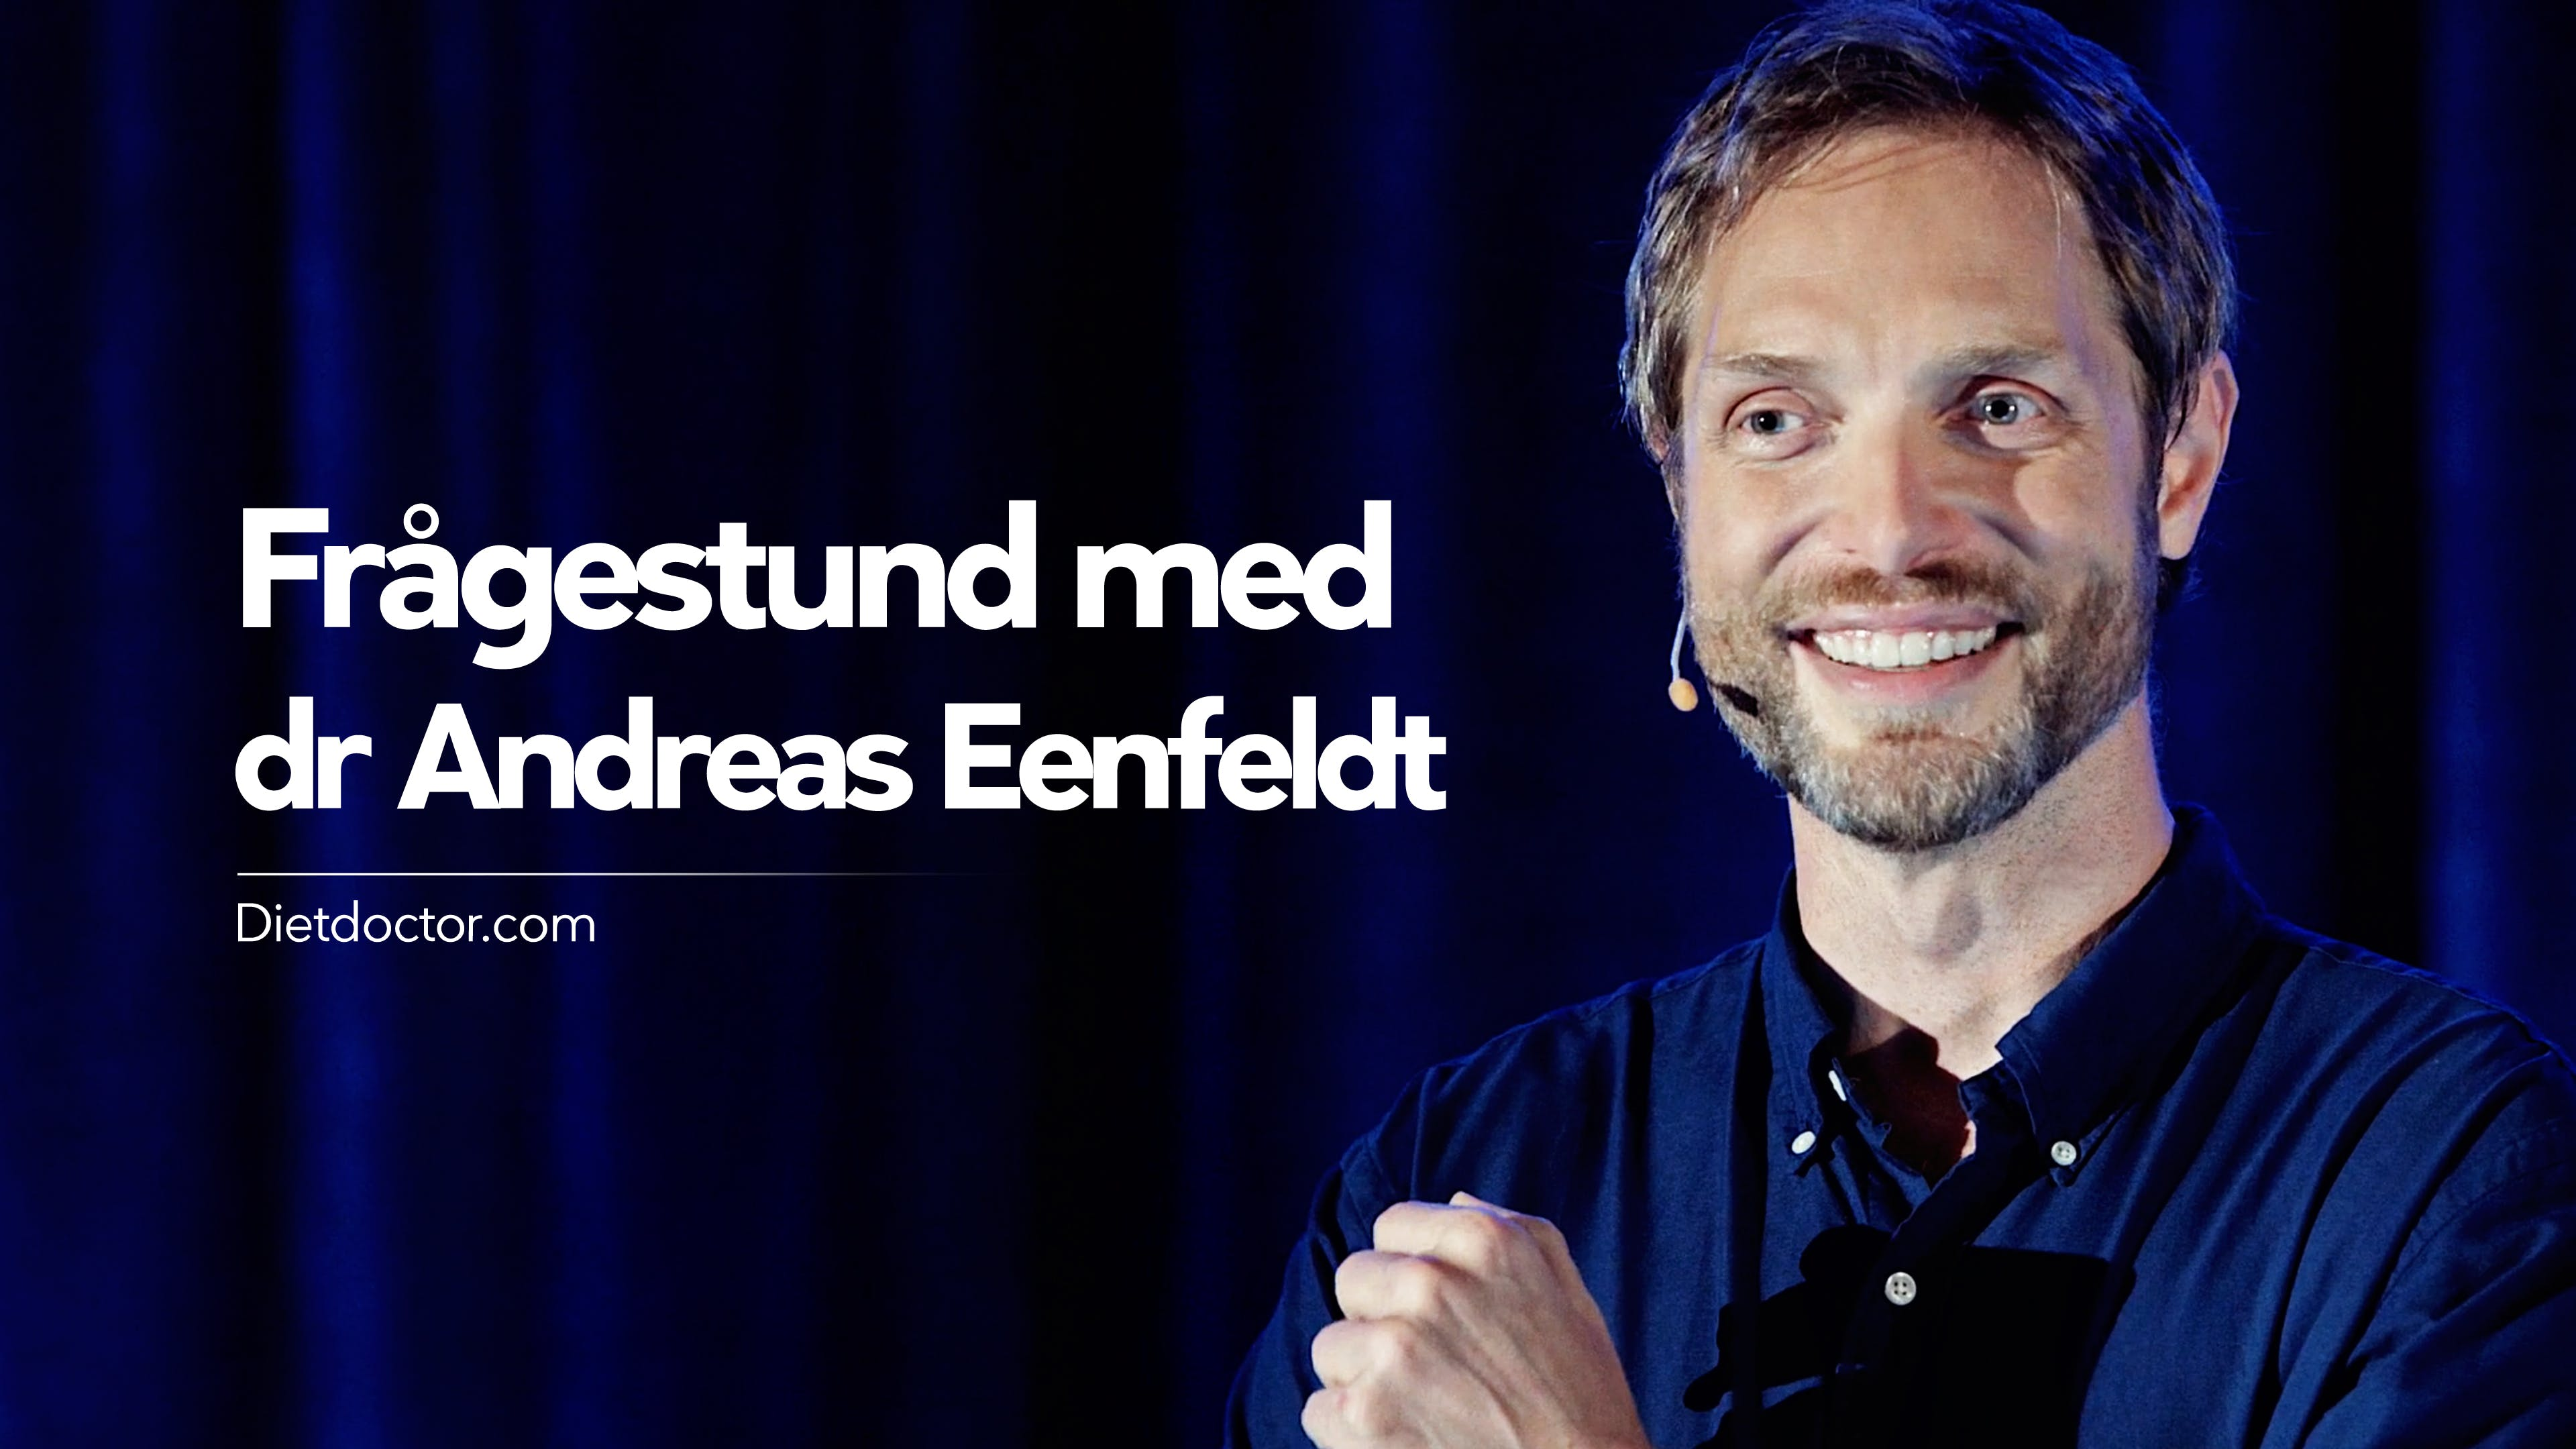 Har Sverige rekommendationer om LCHF-kost för alla?